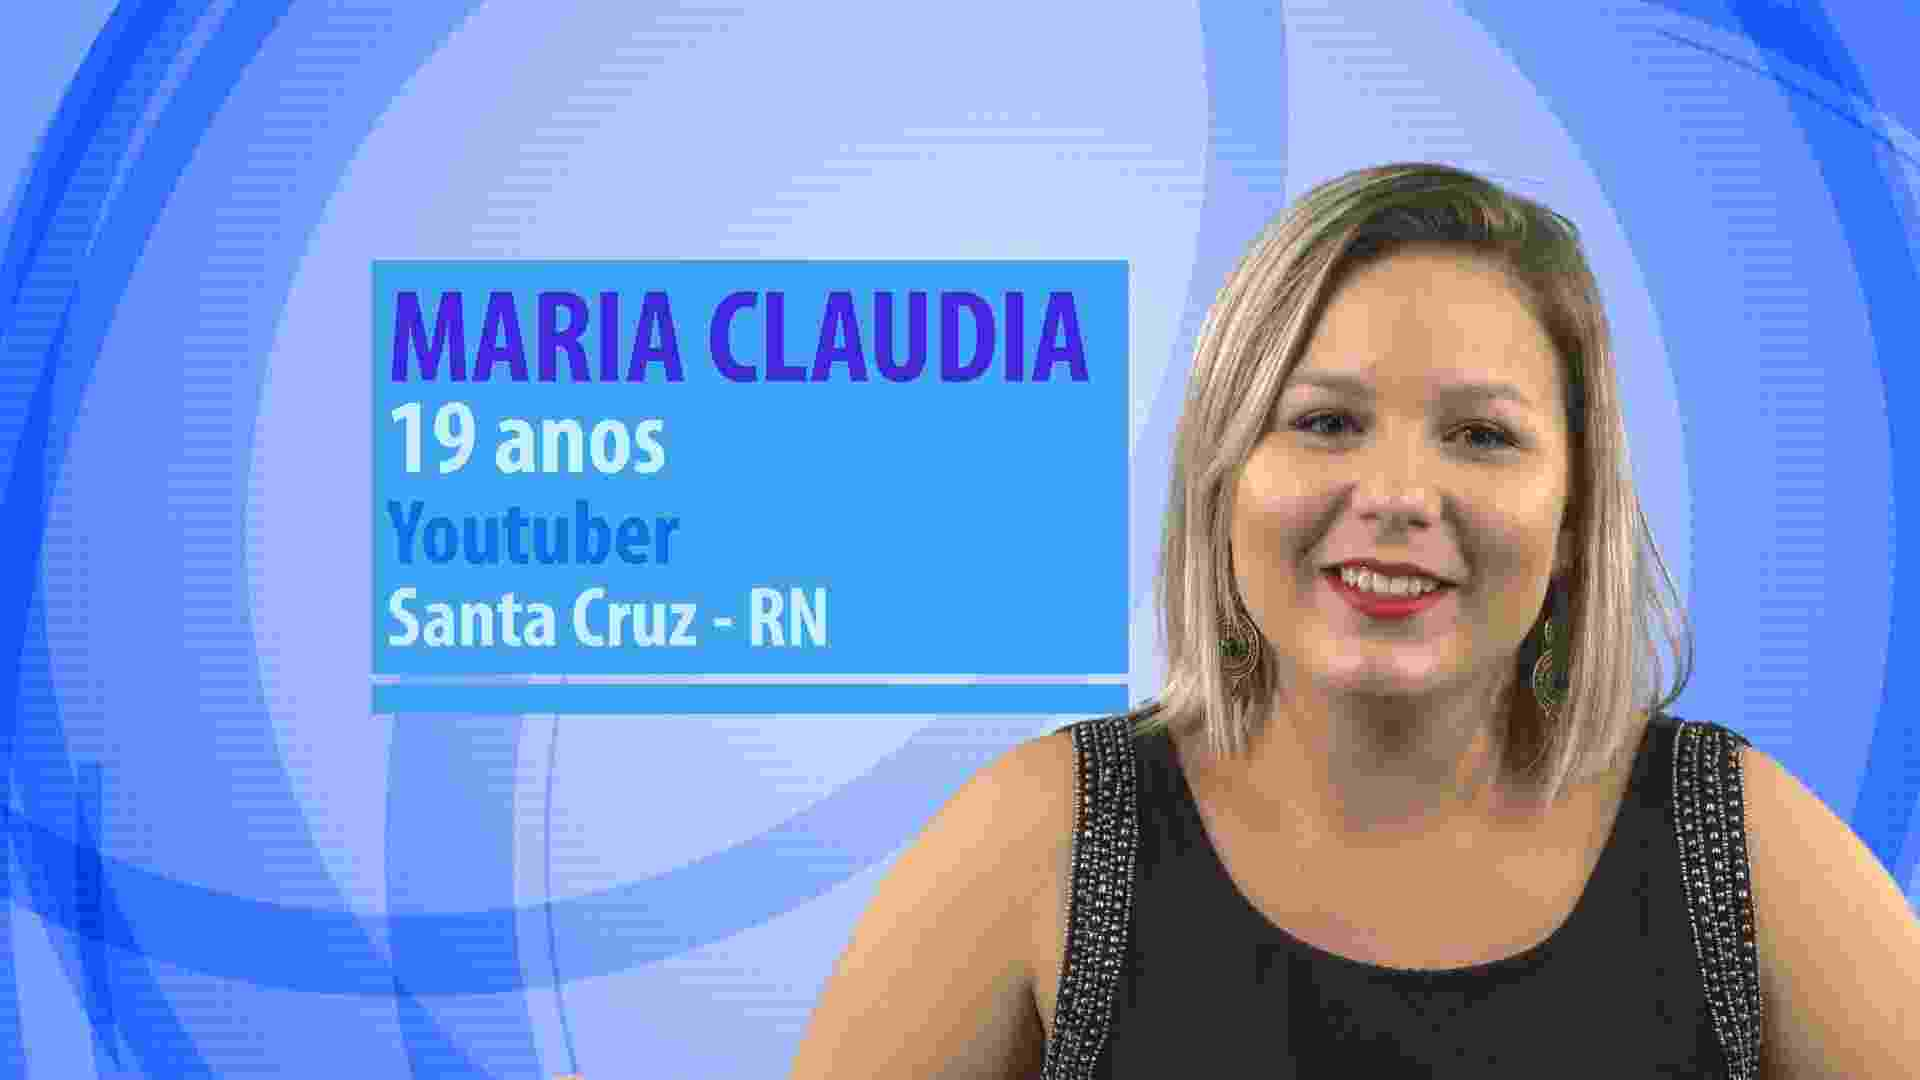 Maria Claudia tem 19 anos e é youtuber - Divulgação